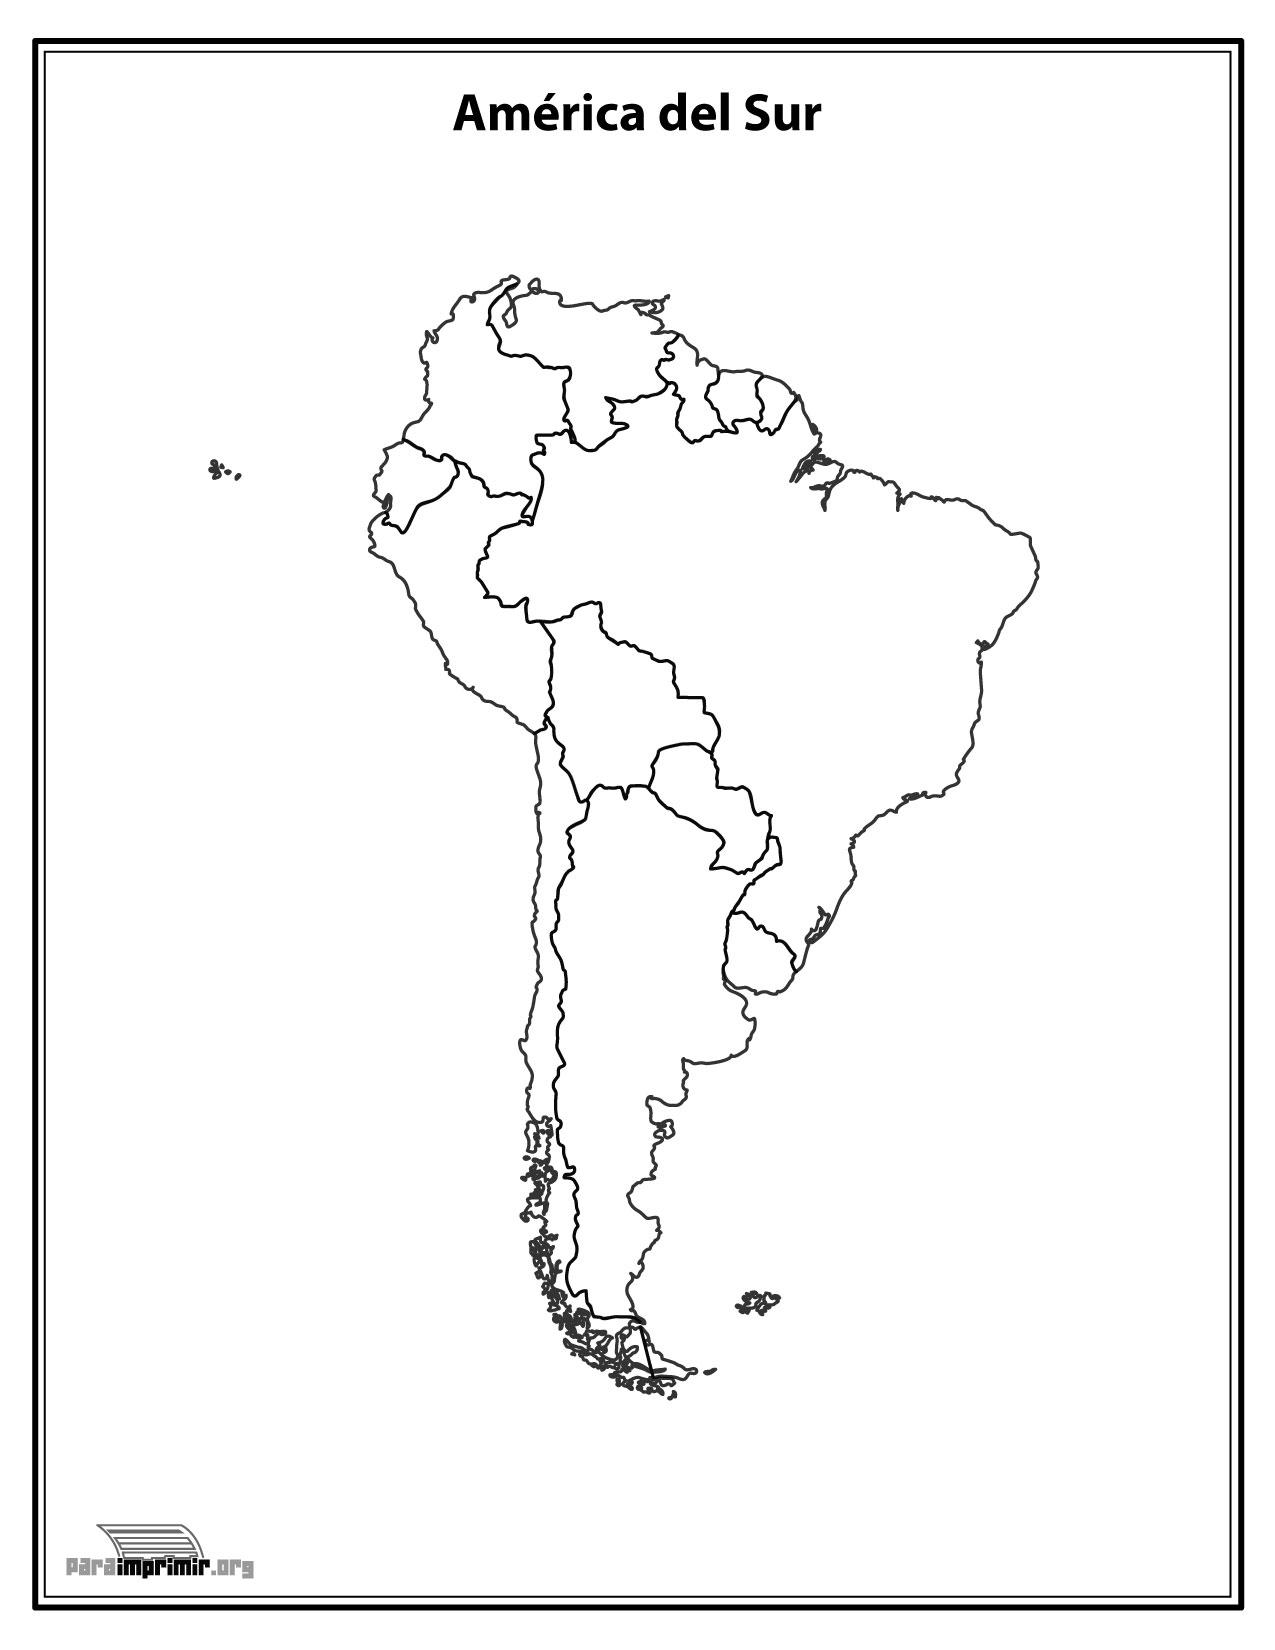 Mapa Del Continente Sur Americano Sin Nombres Para Imprimir